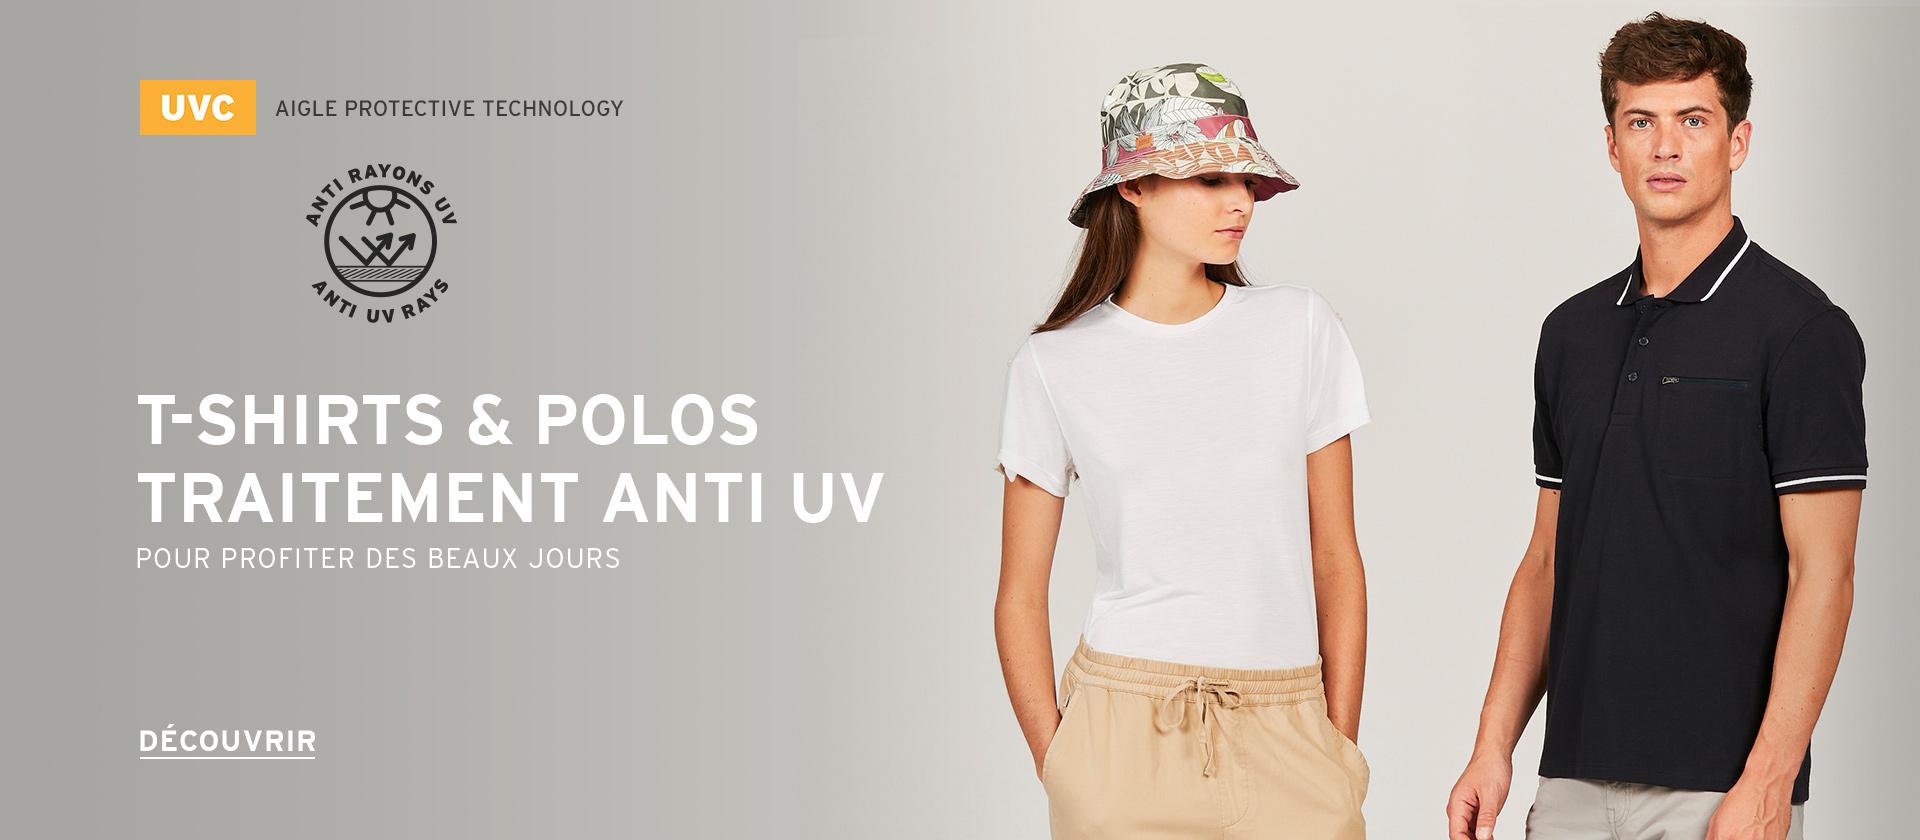 T-shirts & Polos Anti UV